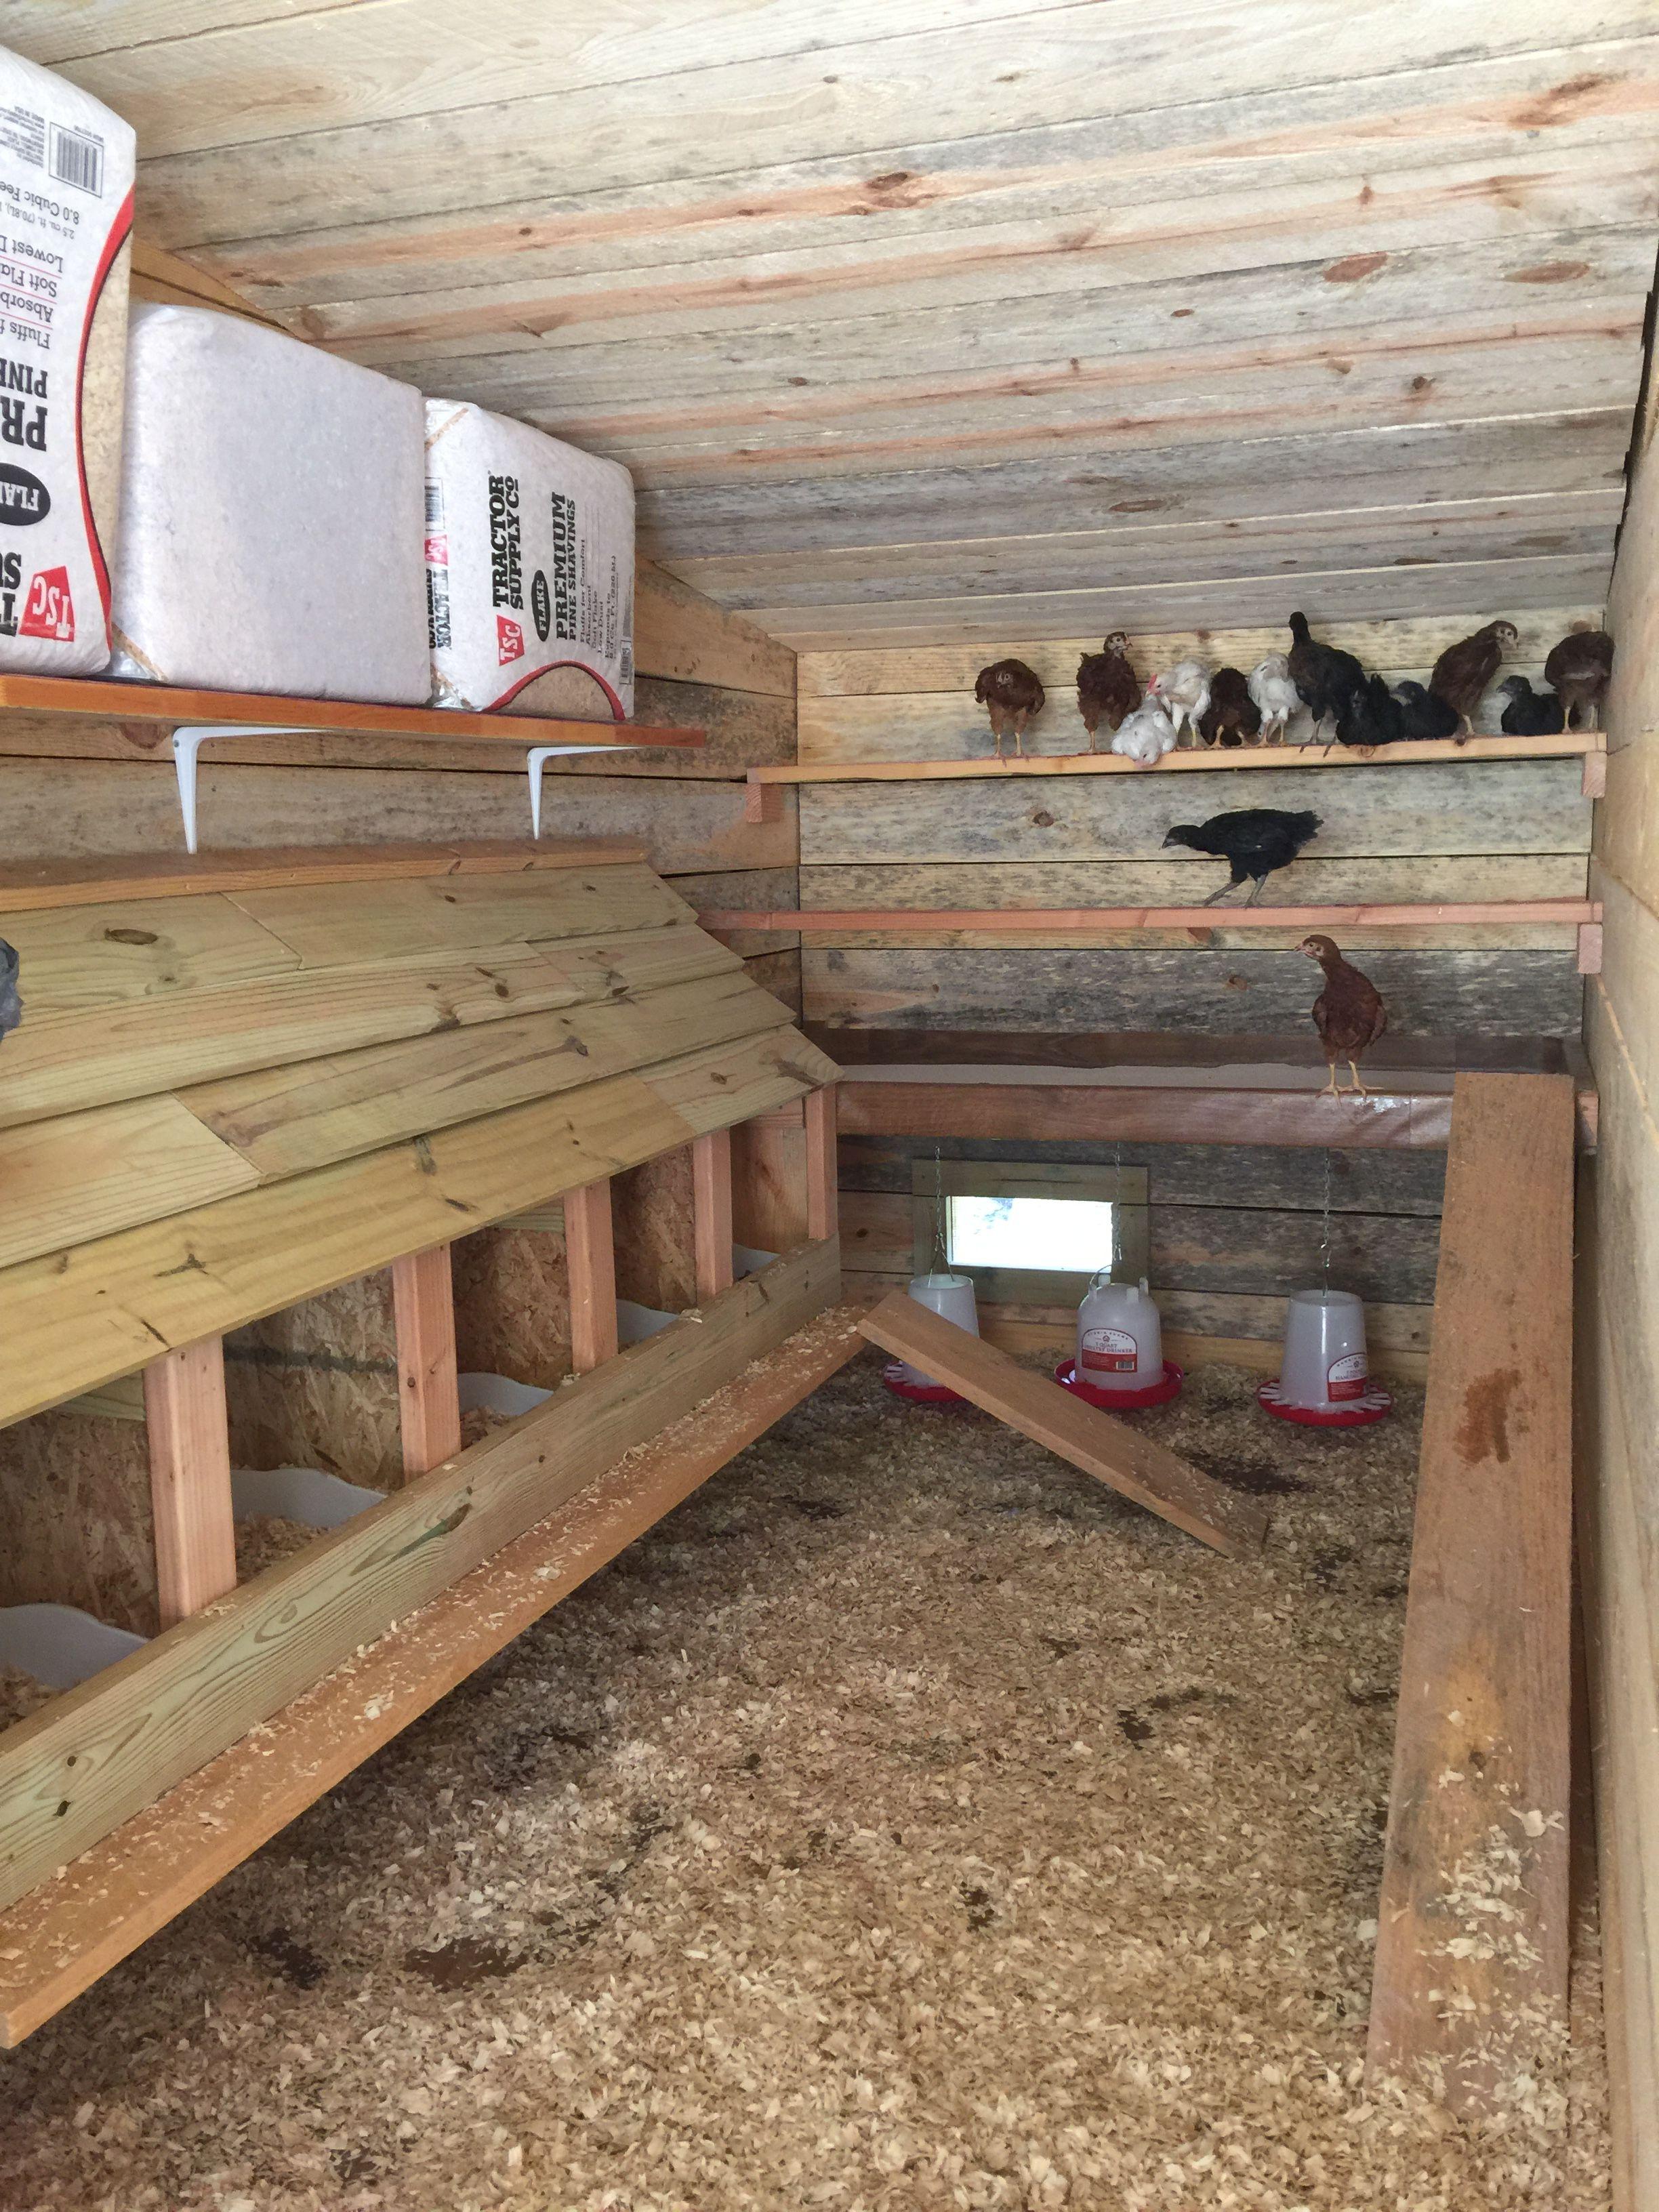 Backyard Chicken Coop Plans Backyard Chicken Coops: Backyard Chicken Coops, Inside Chicken Coop, Easy Chicken Coop